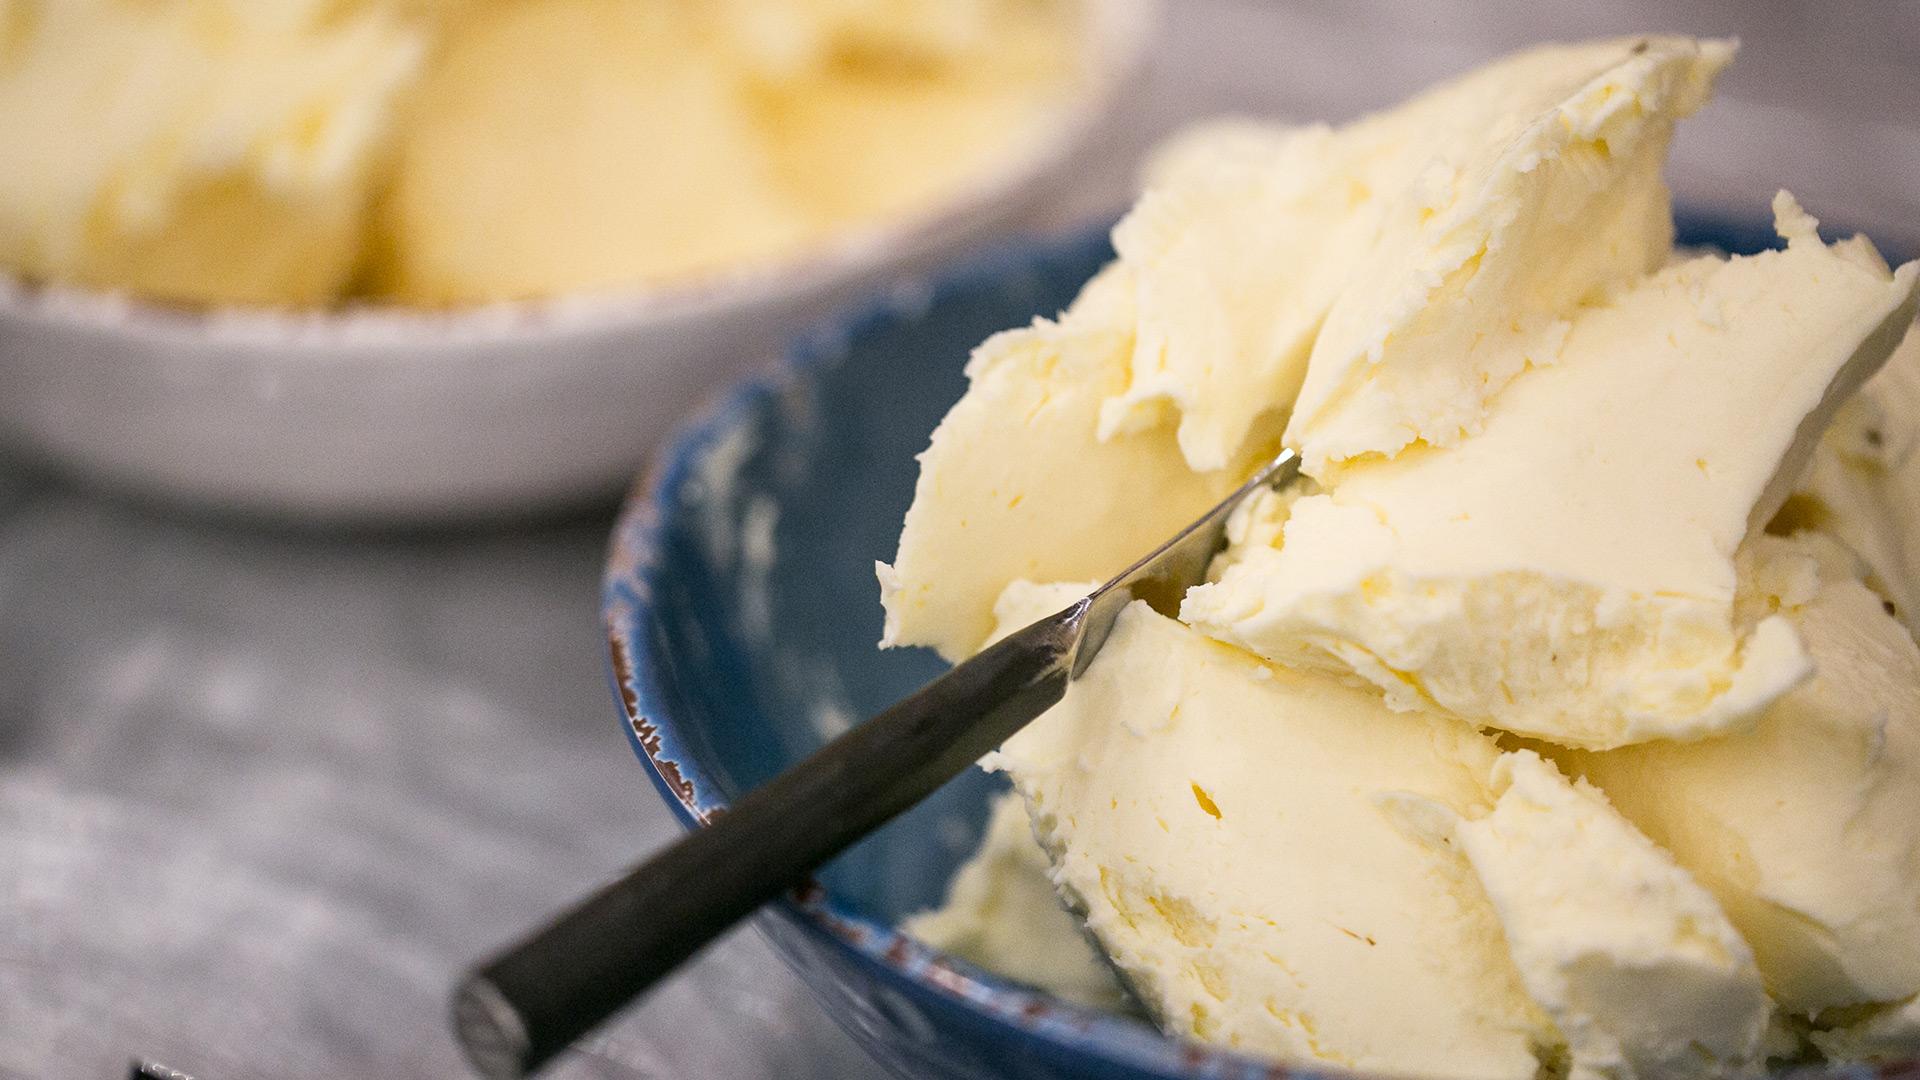 17-WEB-Sponsor_butter07.jpg